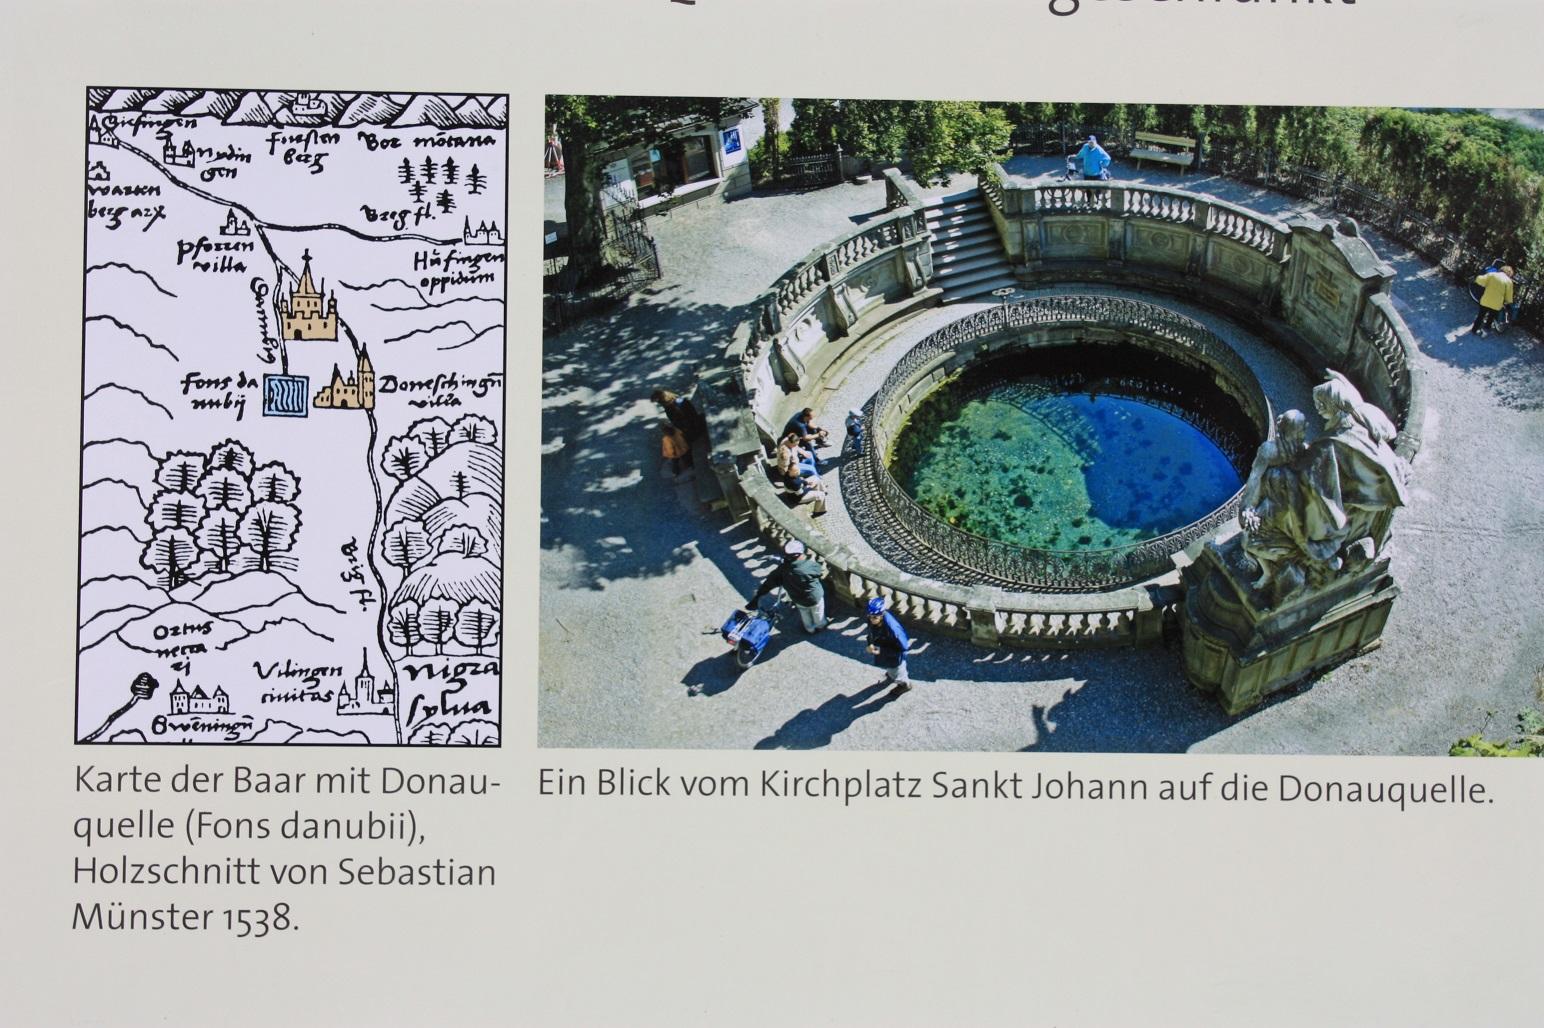 Donauquelle (Donaueschingen)